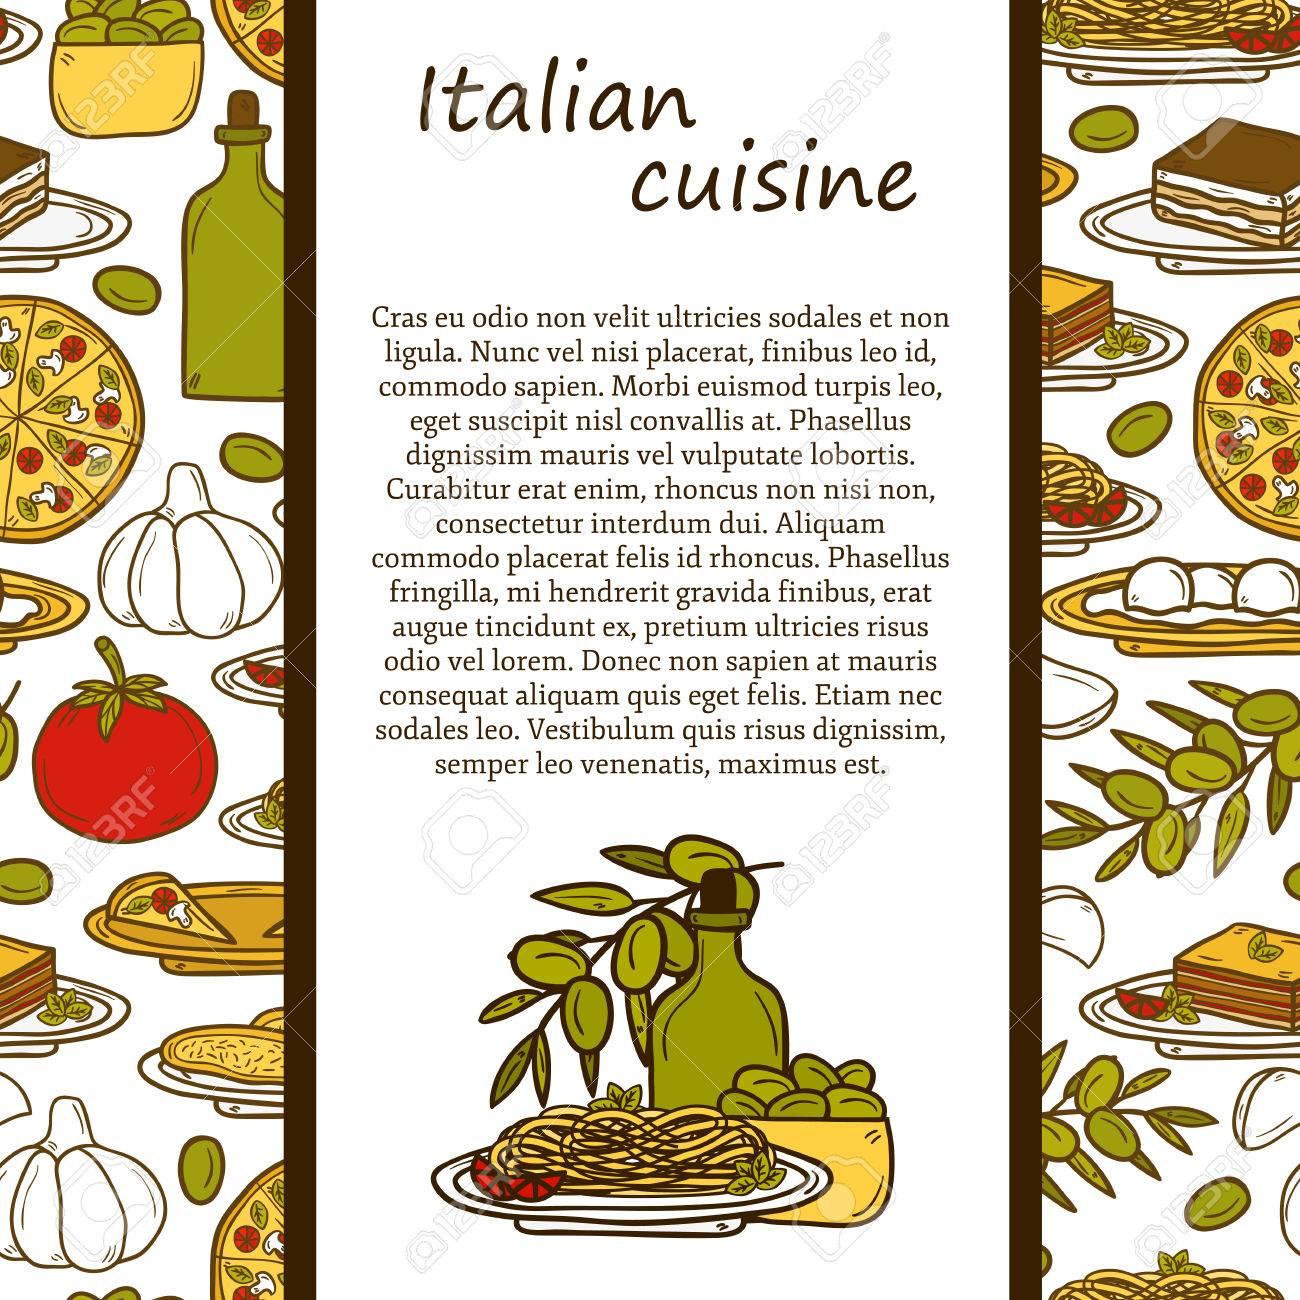 Concetto Di Cucina Italiana Con Oggetti Carino Cartoni Animati ...